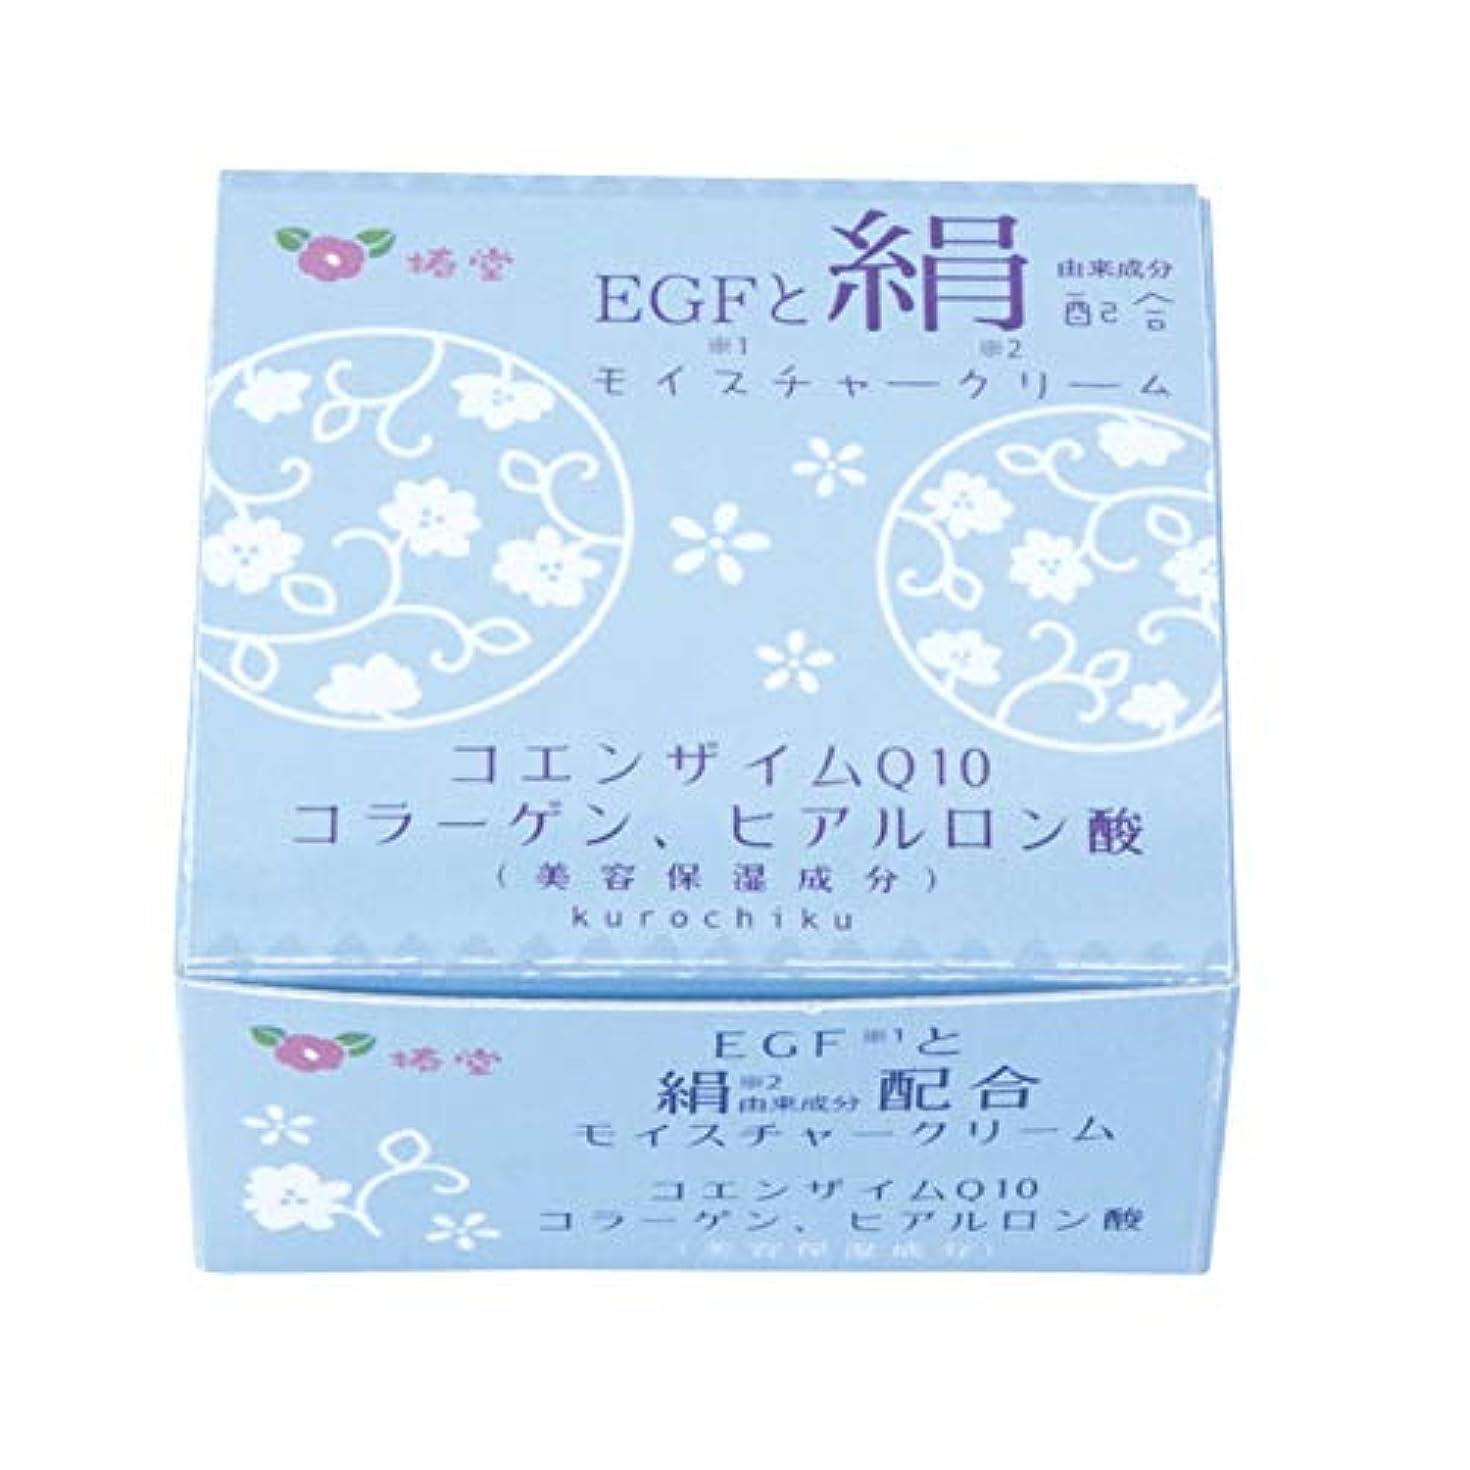 先行する欠伸レインコート椿堂 絹モイスチャークリーム (FGFと絹) 京都くろちく